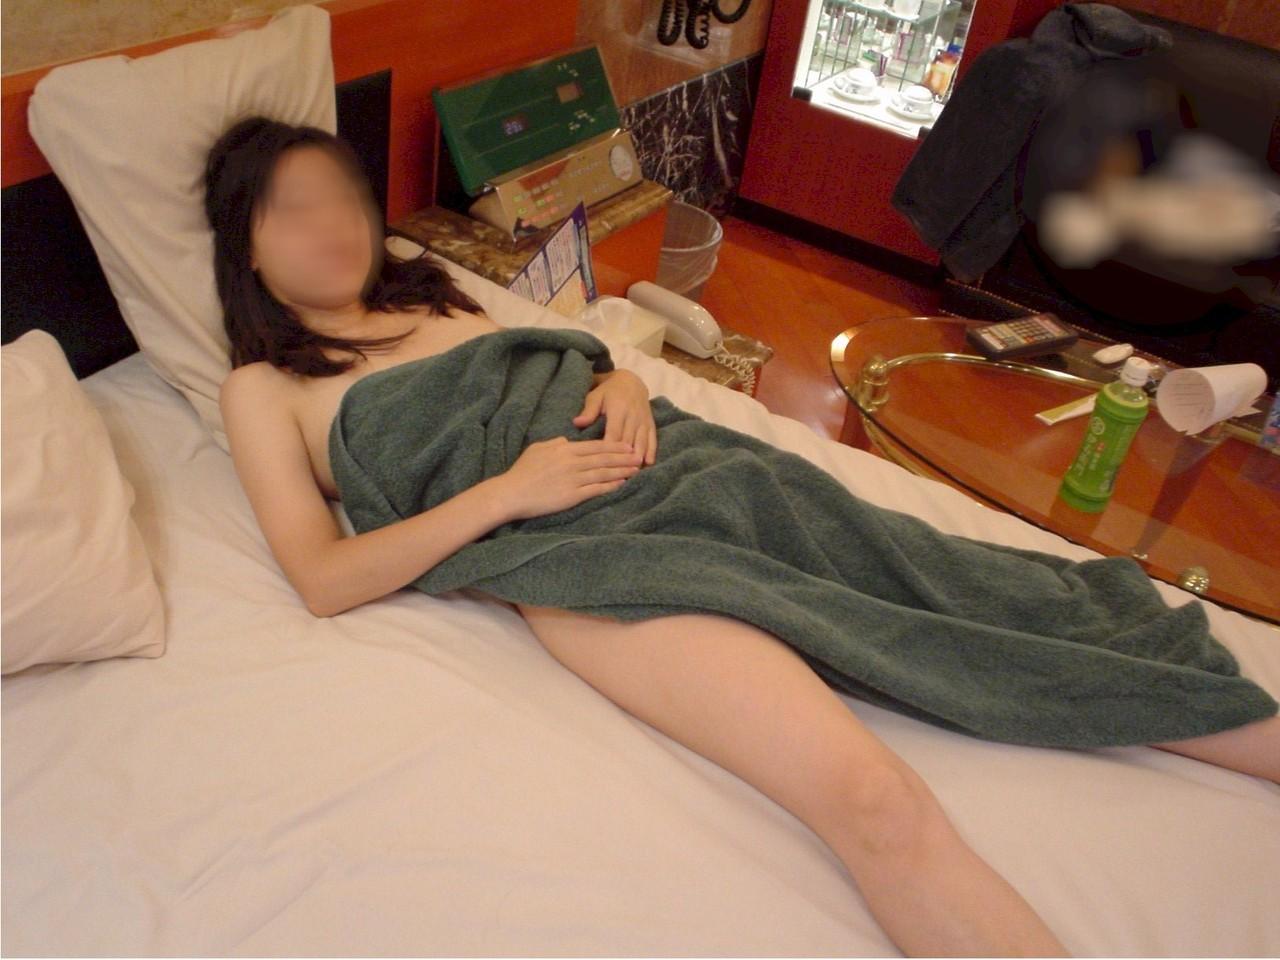 素人 ラブホテル セックス前 画像 26